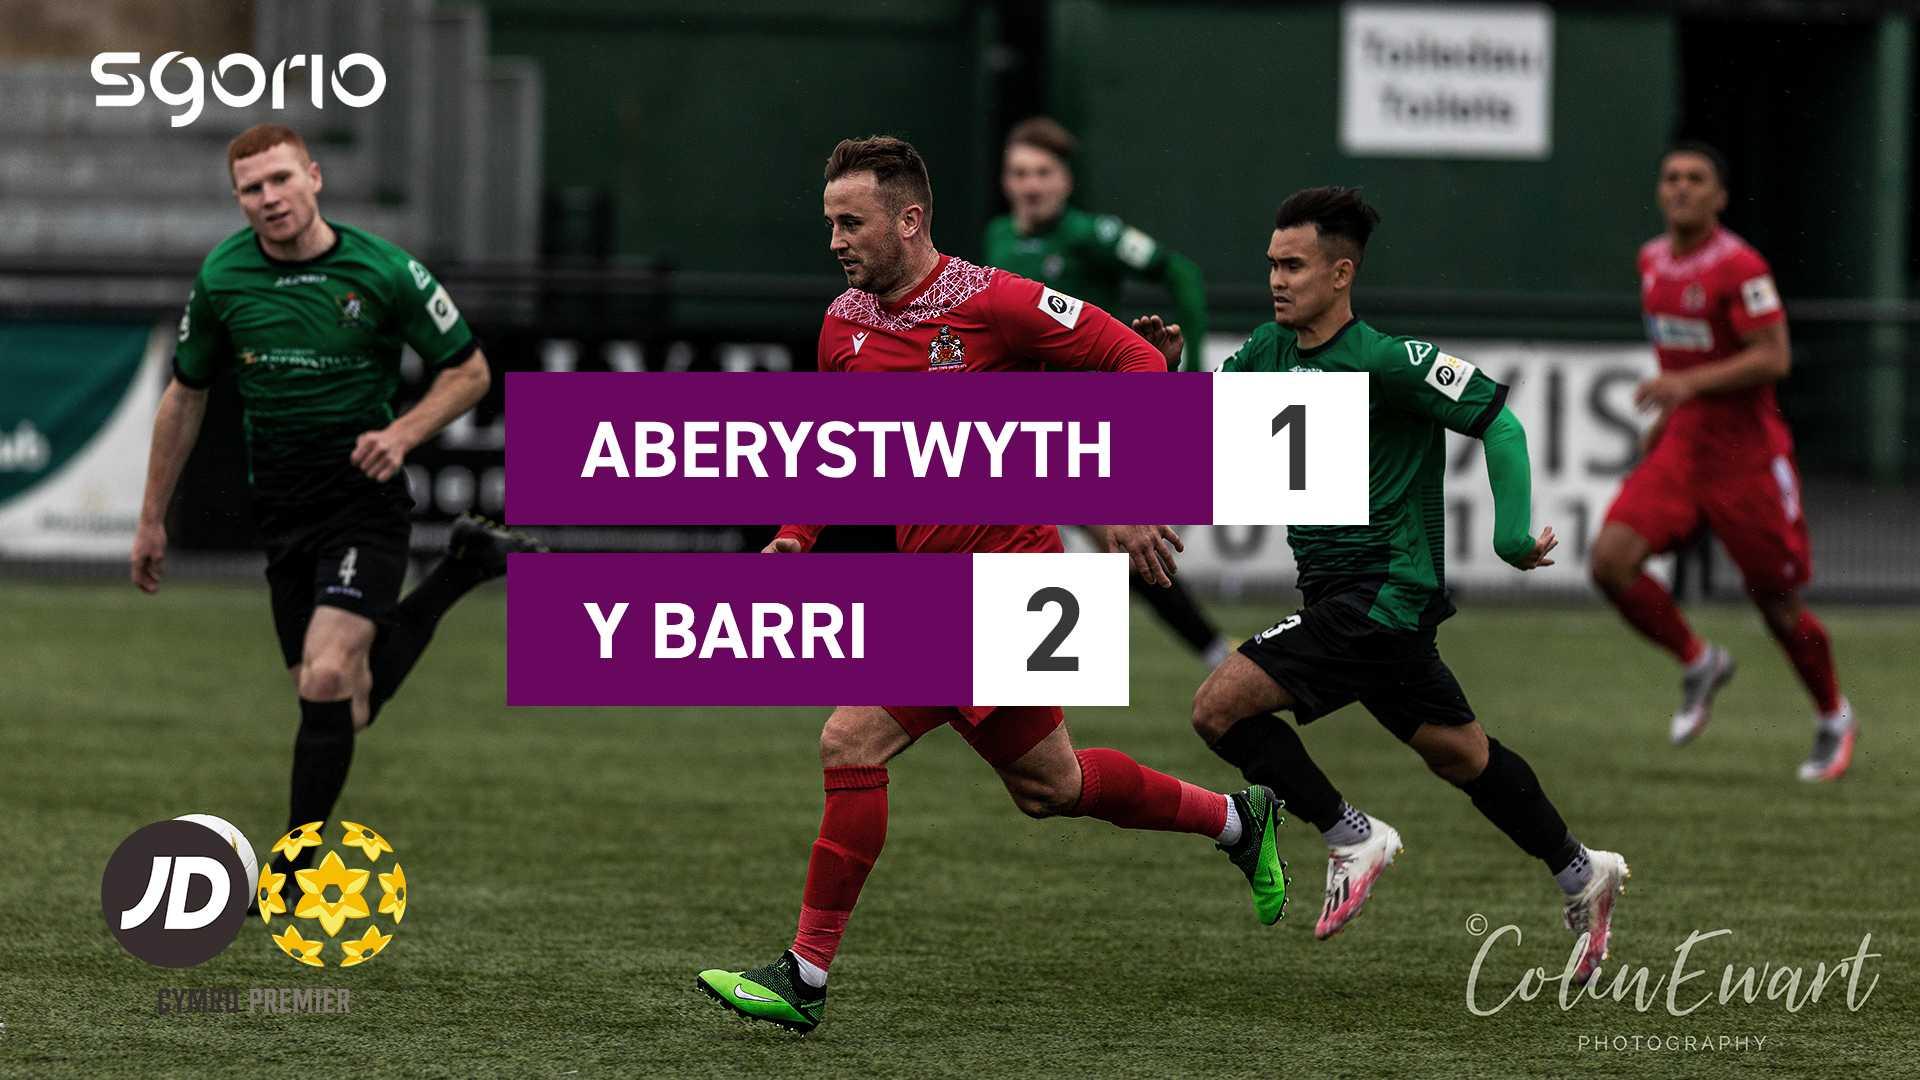 Aberystwyth 1–2 Y Barri